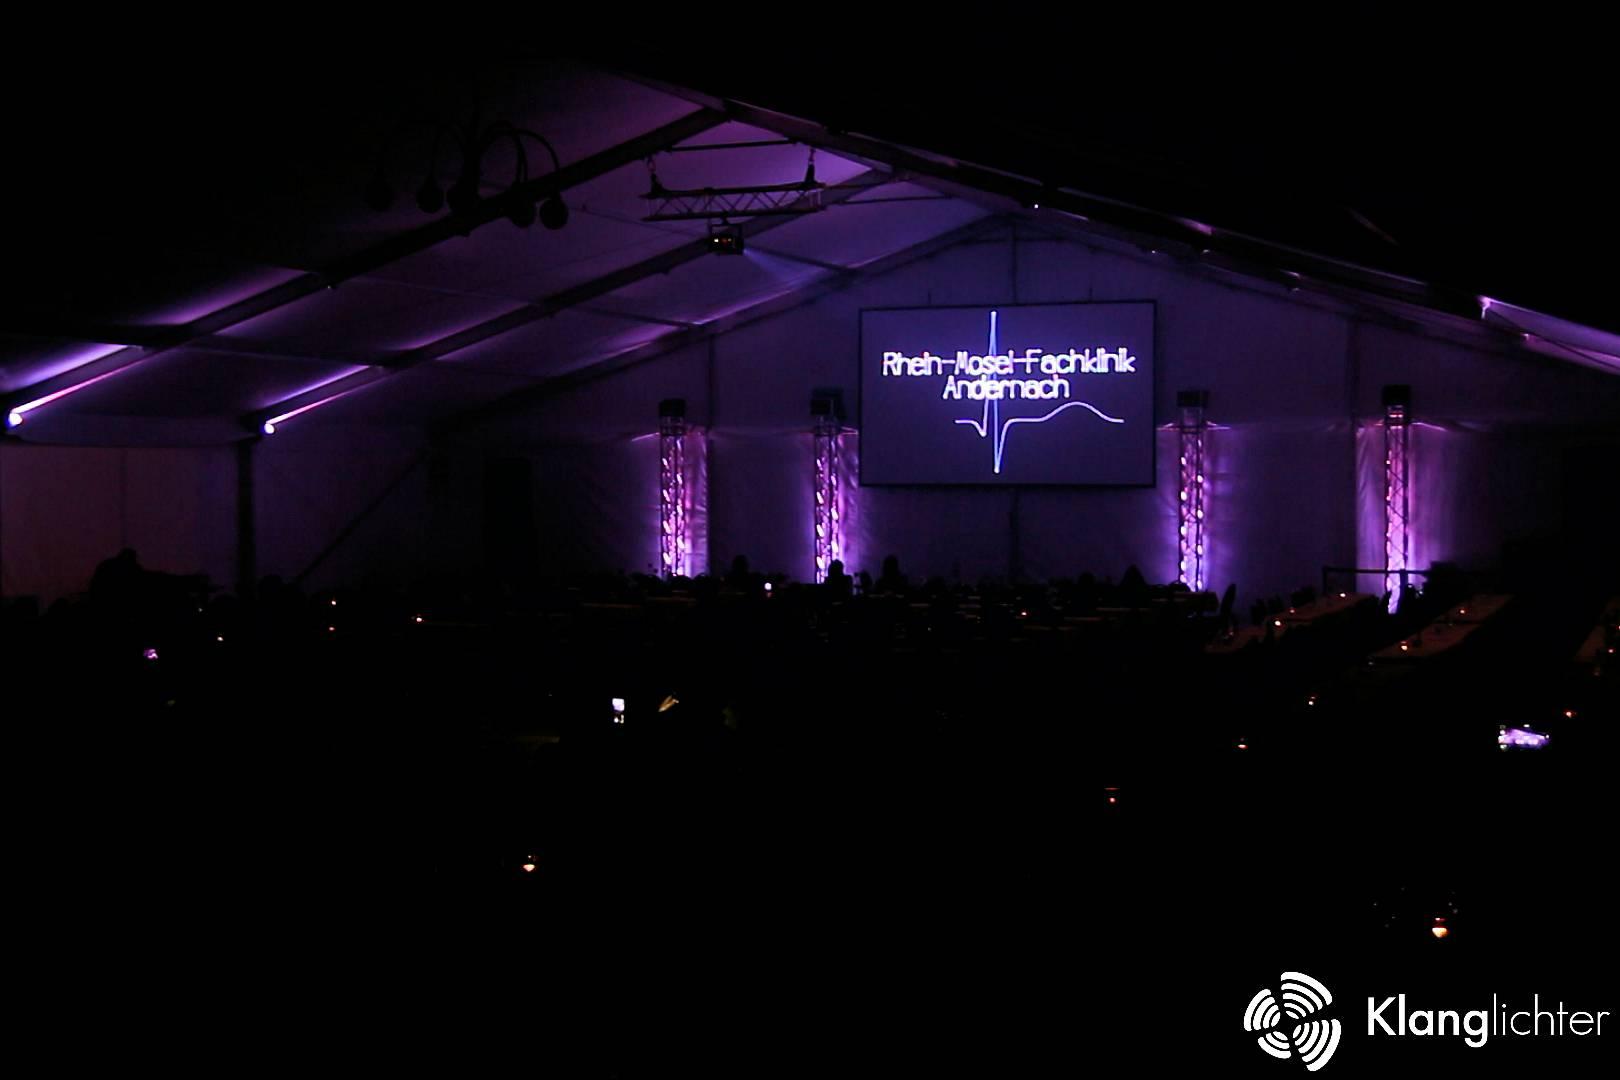 CORPORATE Lasershow: Sommerfest der Rheinmosel-Fachklinik-Andernach - Firmenlogo mit Pulsschlag